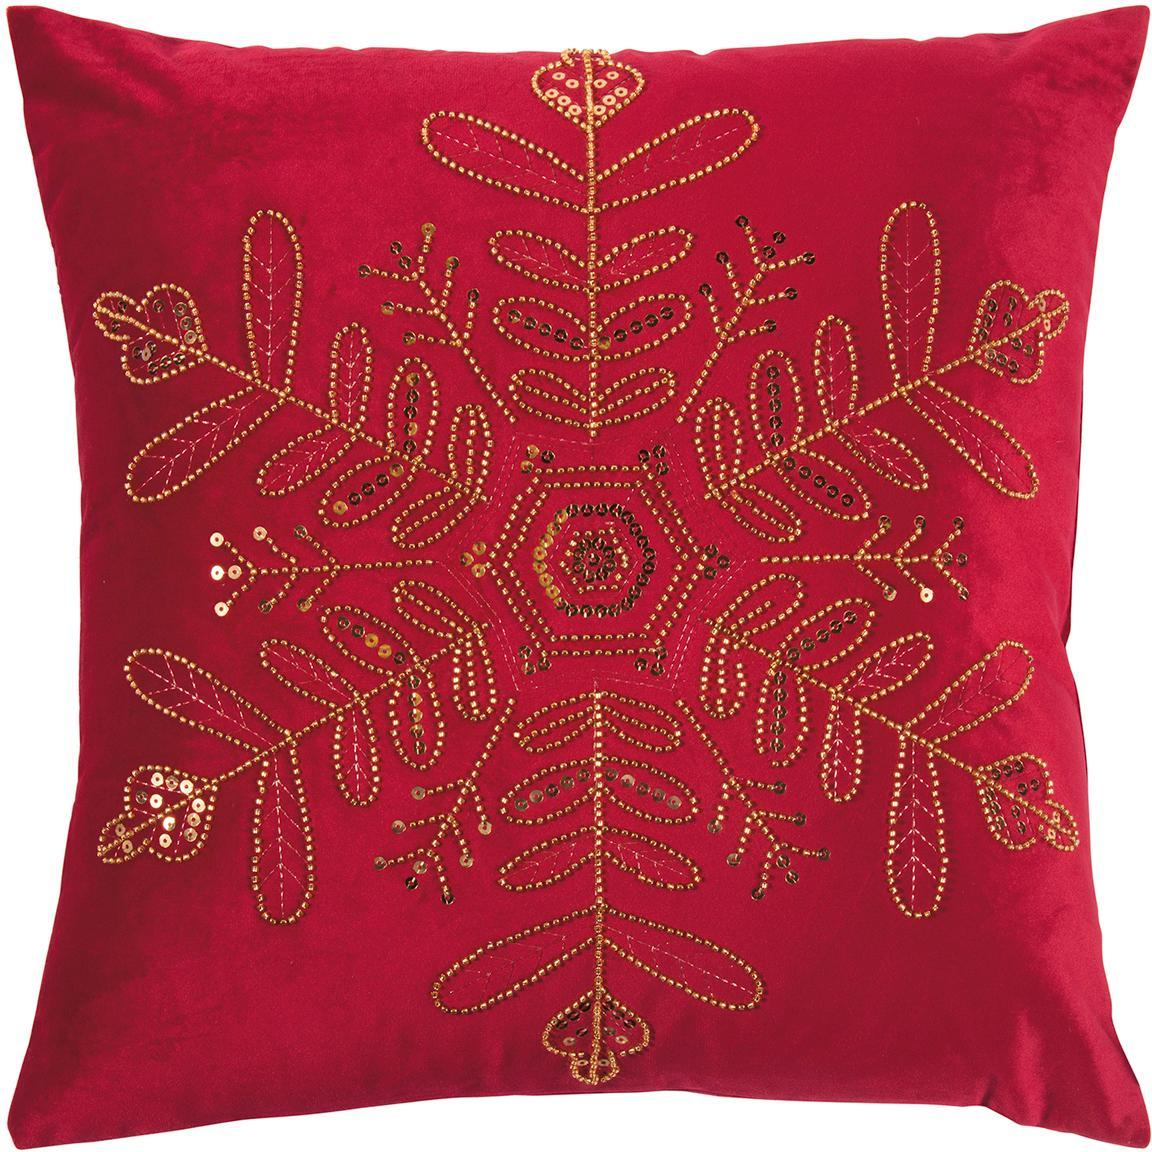 Federa arredo in velluto Sparkle, Velluto di poliestere, Rosso, dorato, Larg. 45 x Lung. 45 cm